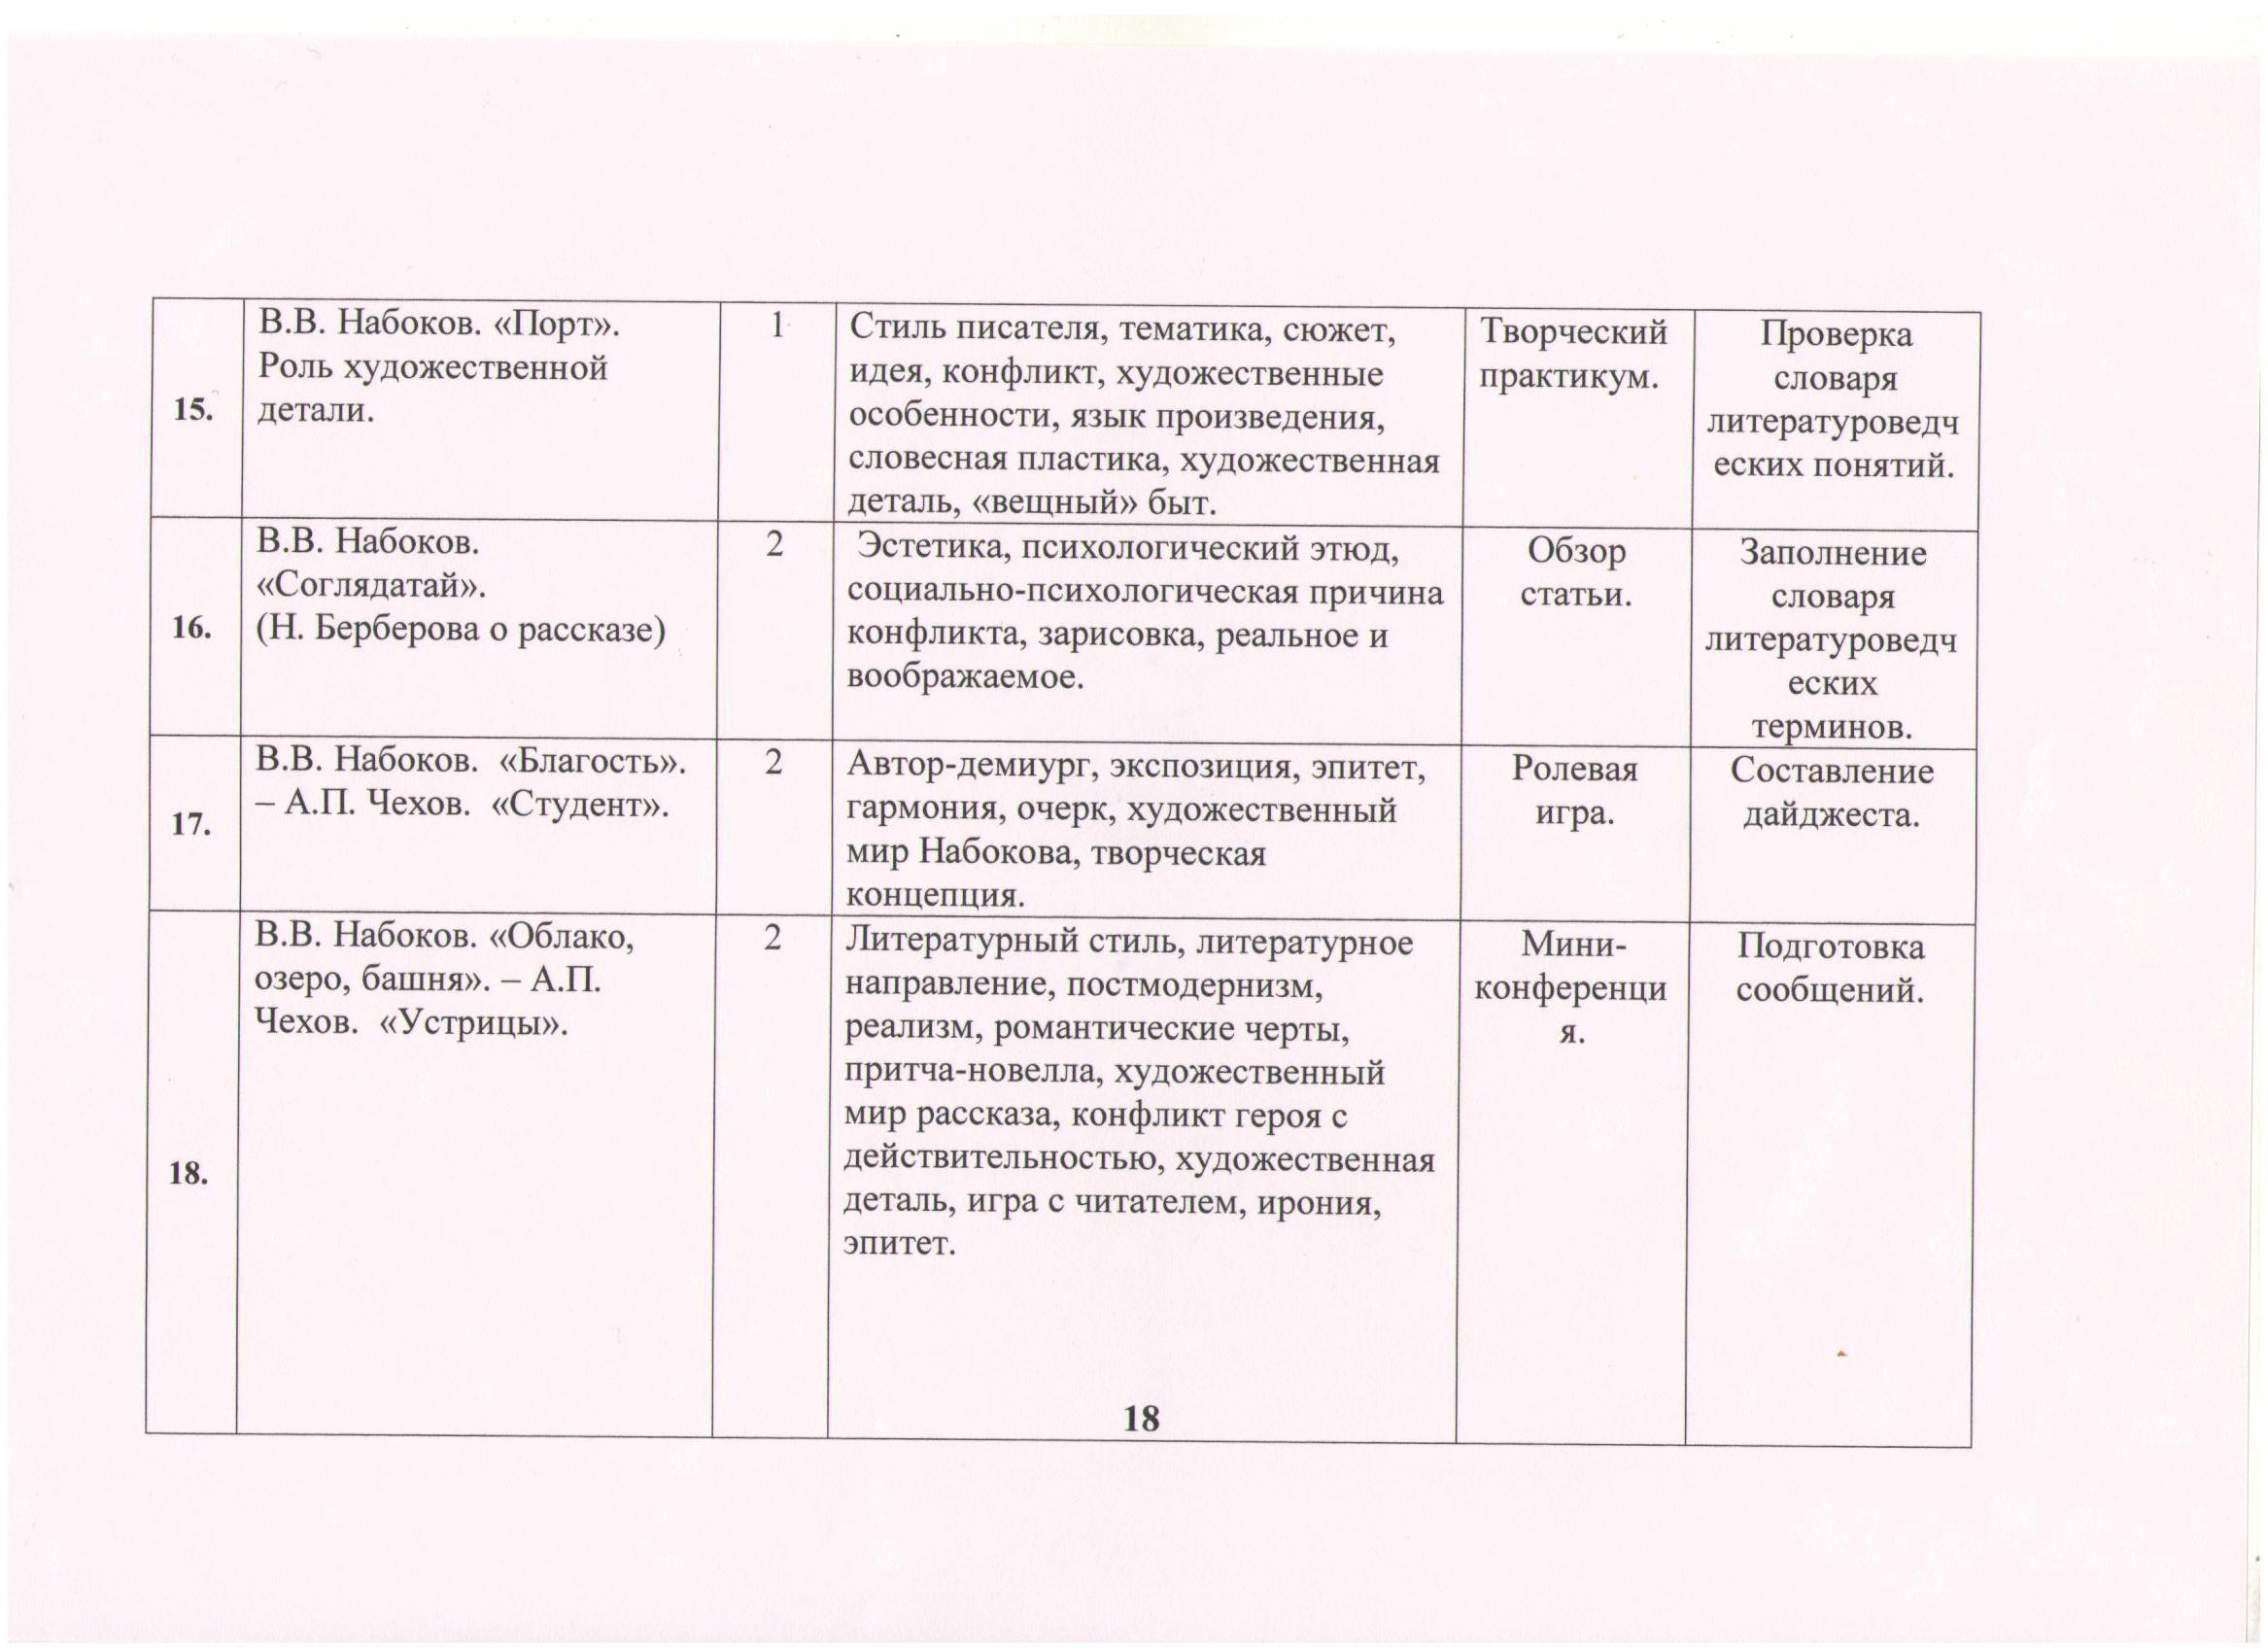 C:\Documents and Settings\Учитель\Рабочий стол\Новая папка\Работа Светы 13.jpg